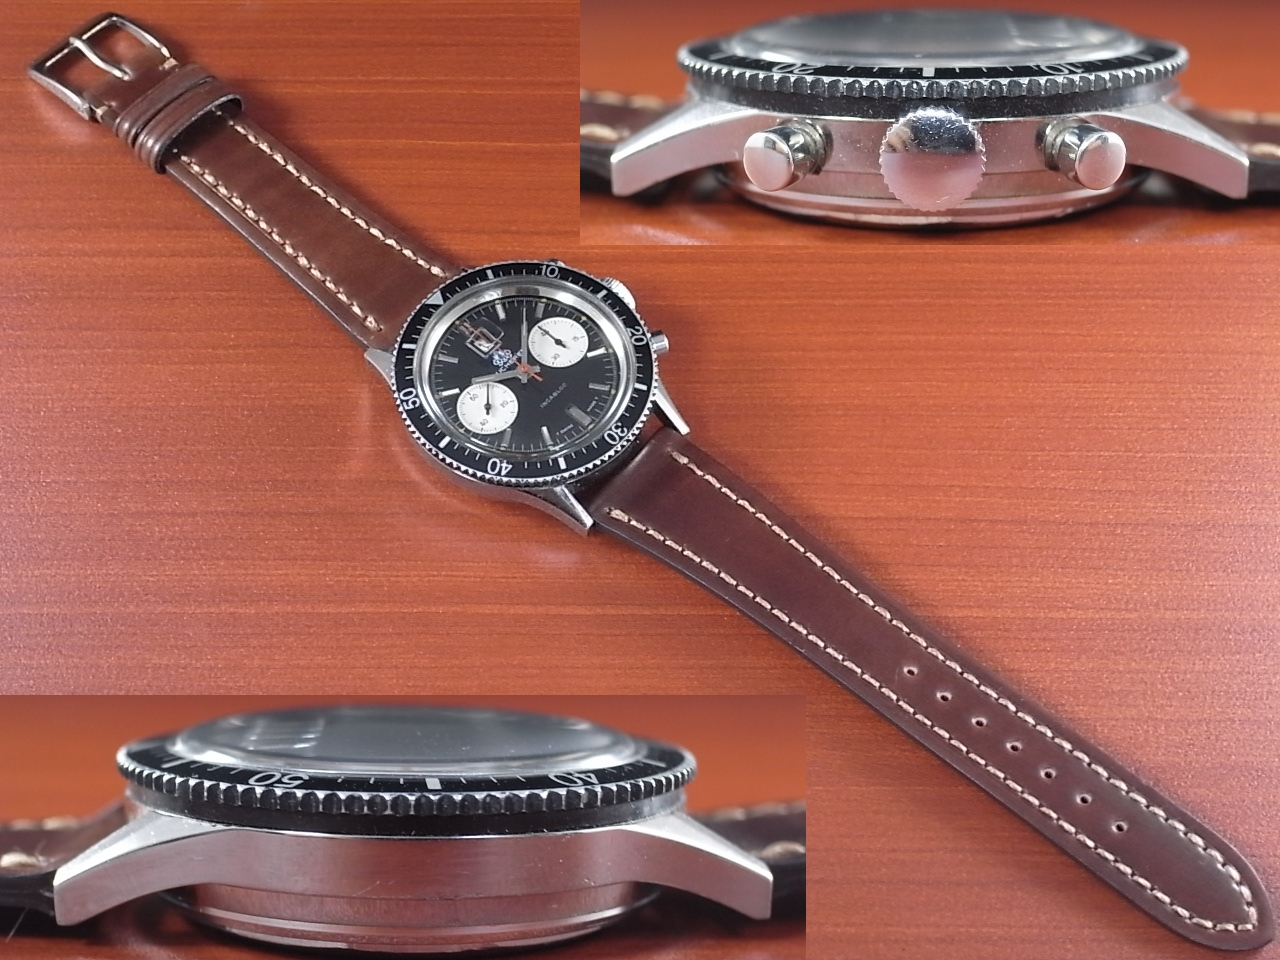 ブッフェラー BUCHERER クロノグラフ 2レジスター ブラックミラーDL 1970年代の写真3枚目